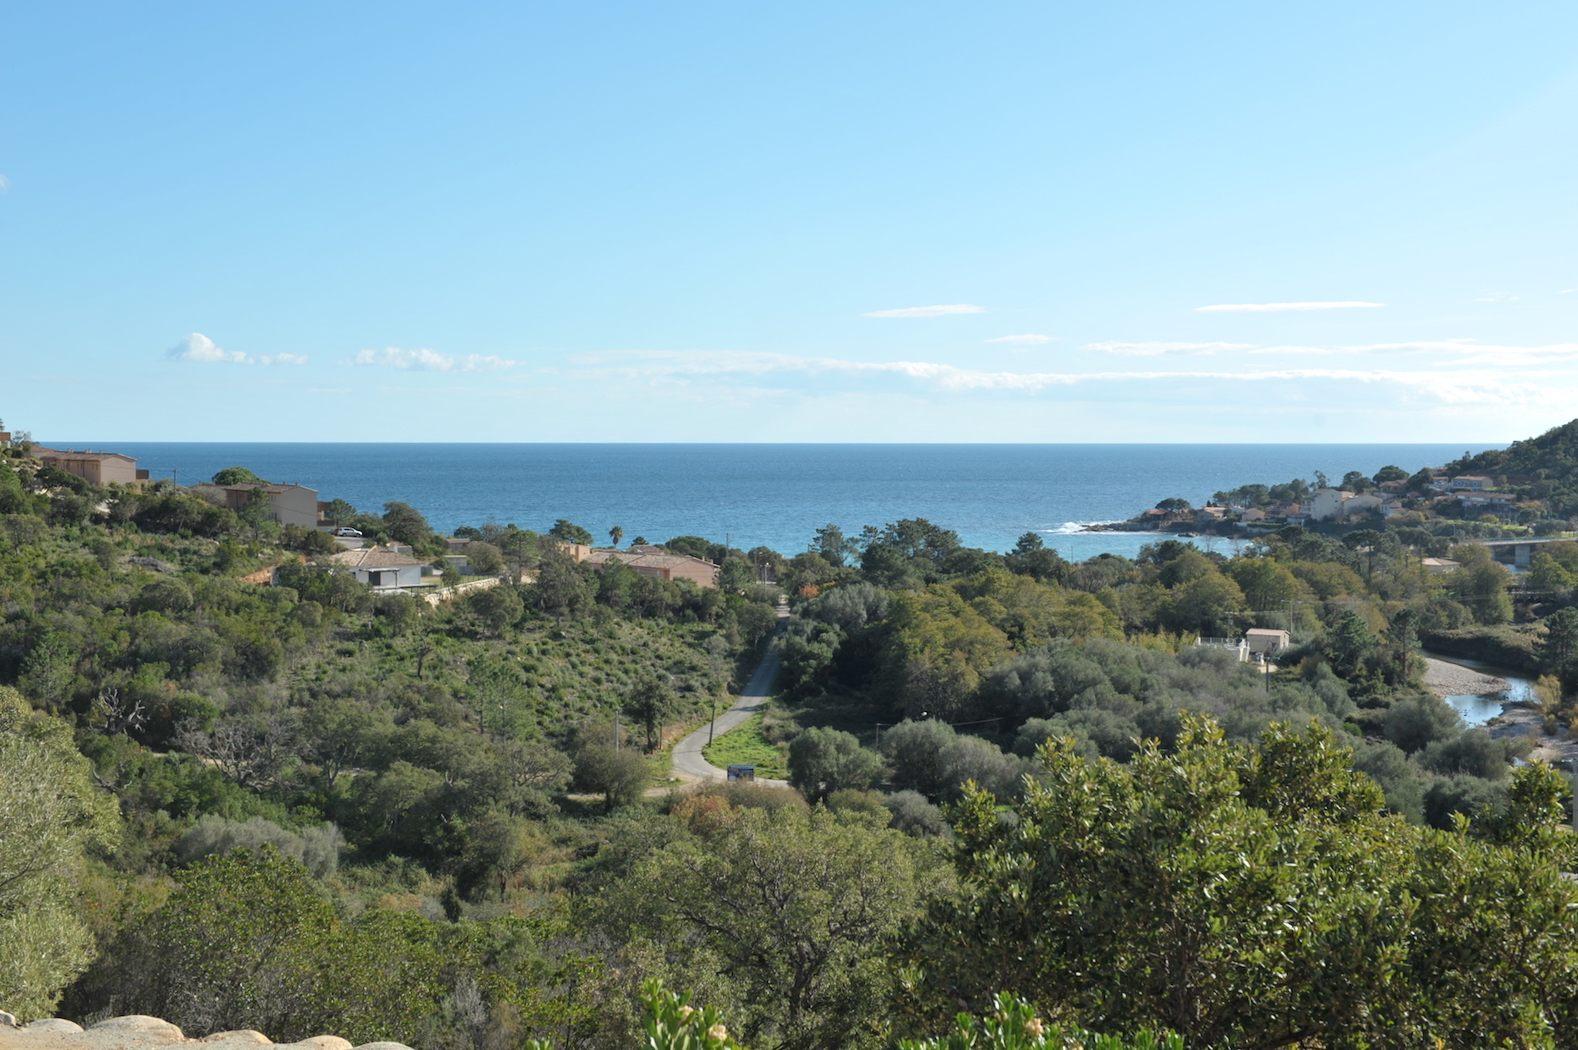 lot 2: vue de la terrasse et de la piscine.